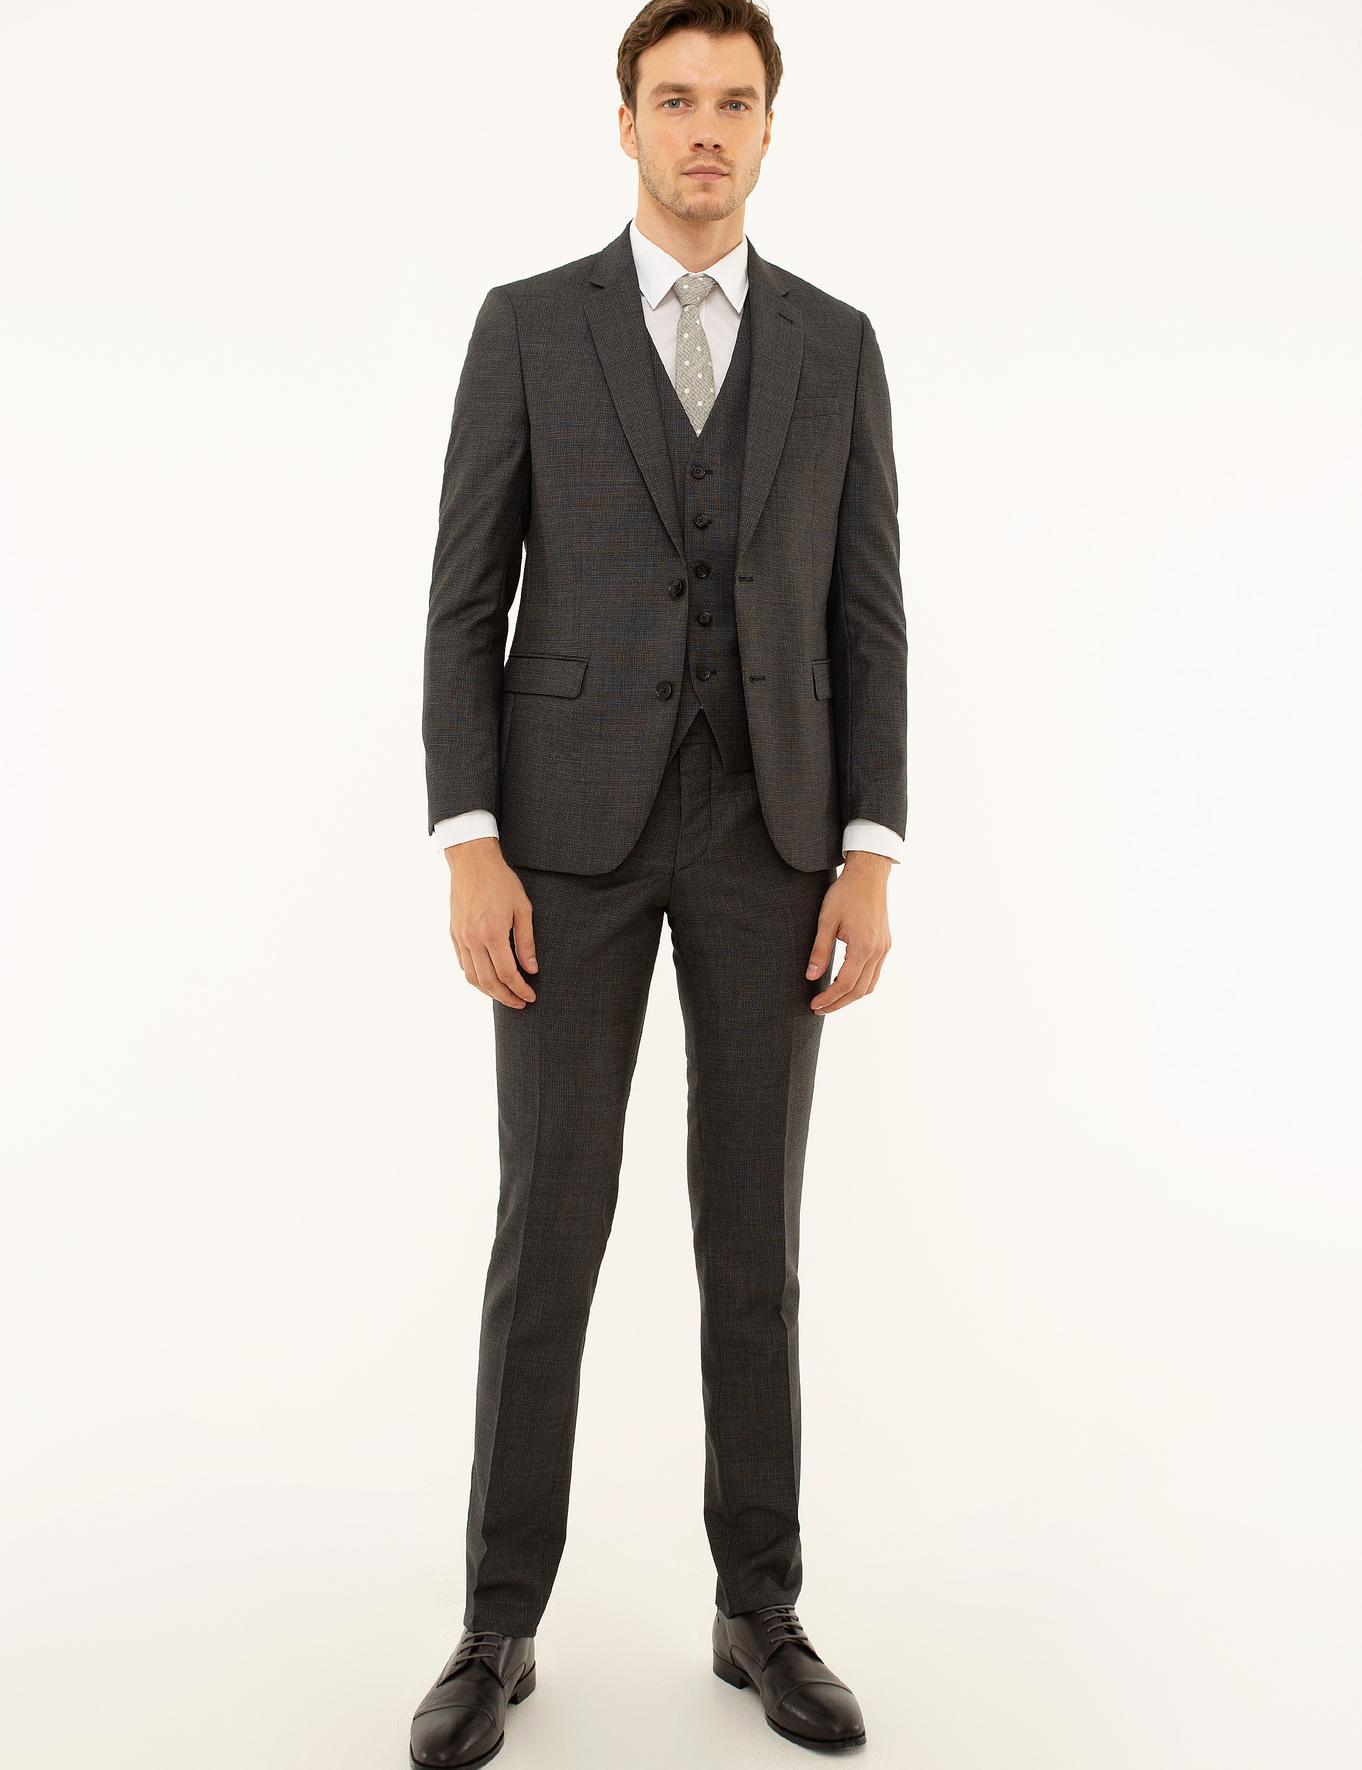 Füme Slim Fit Takım Elbise - 50219319053